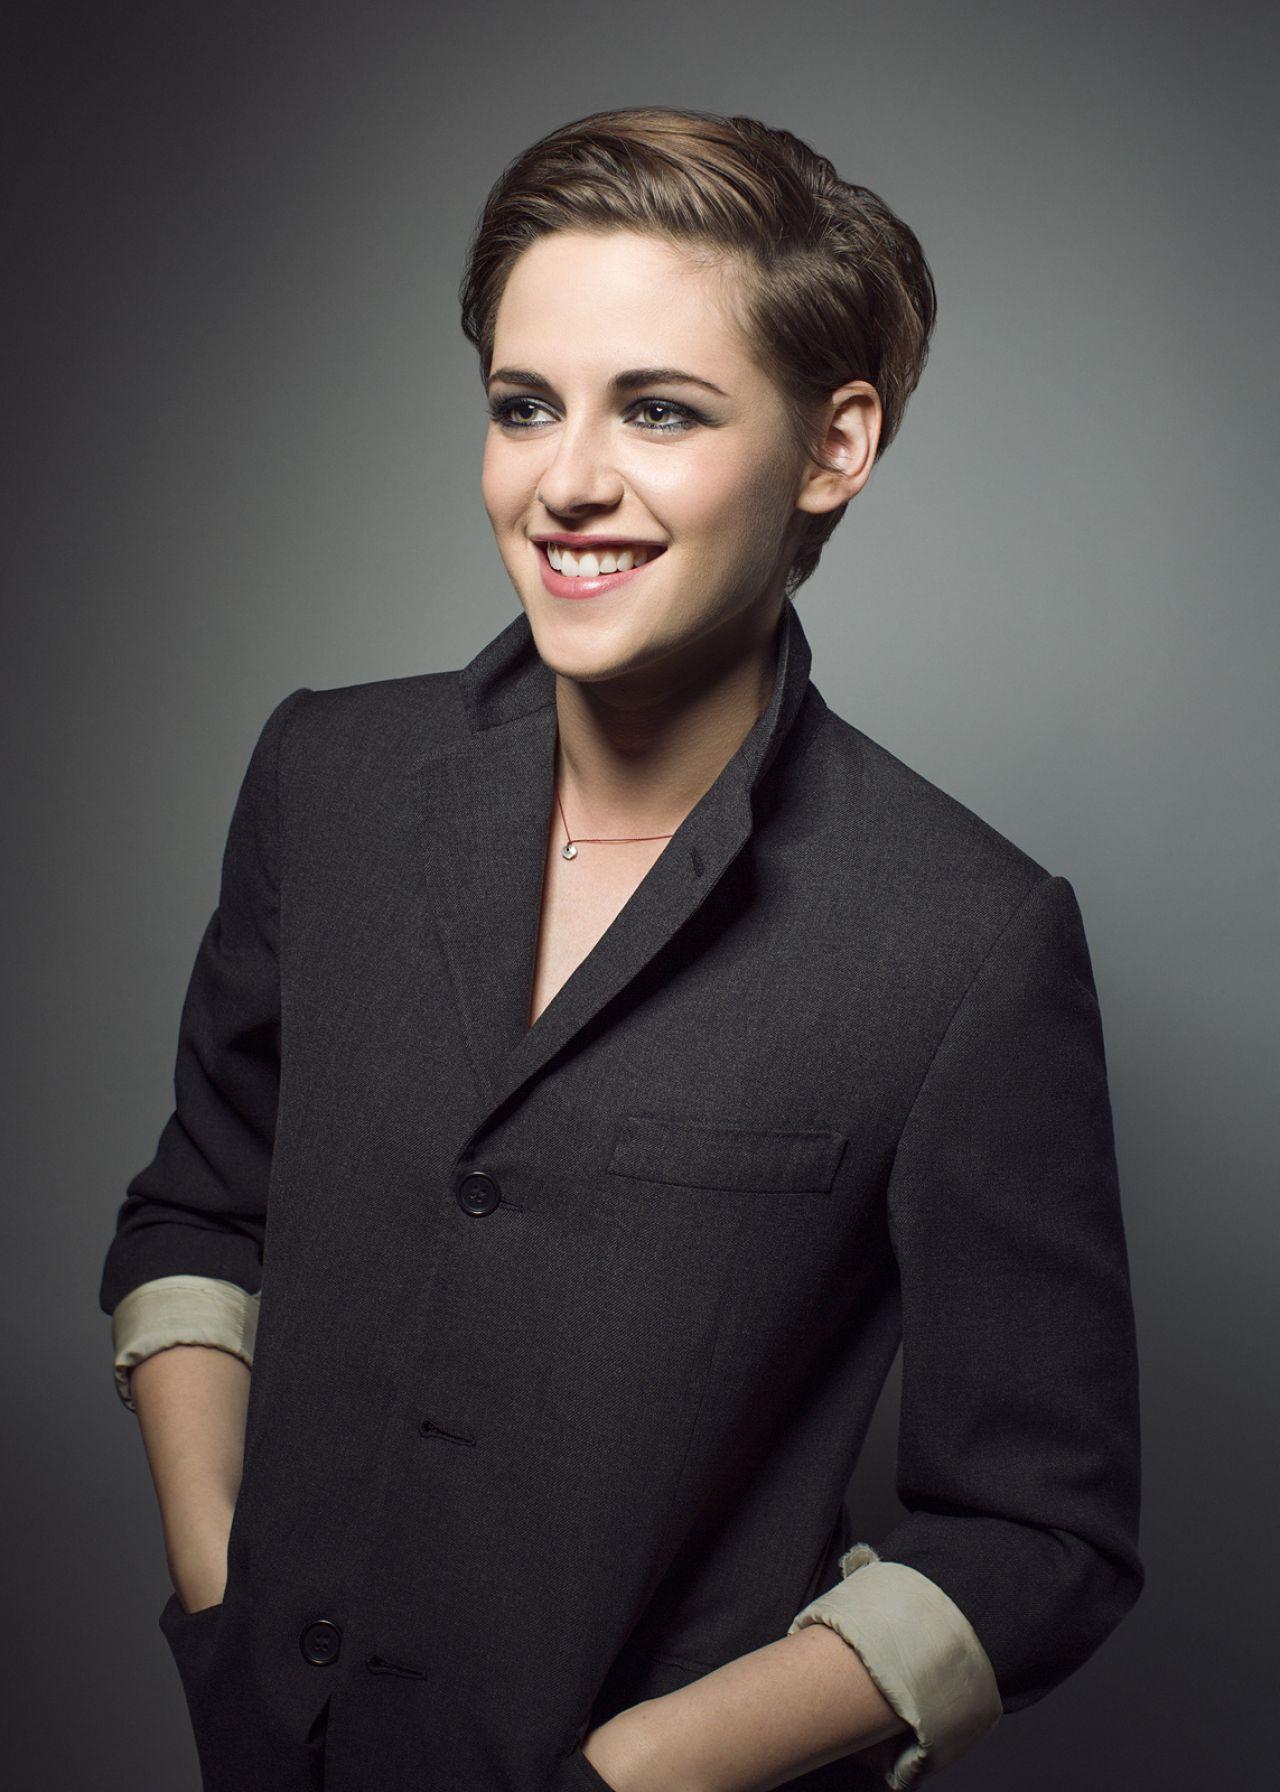 Kristen Stewart - MTV New York Film Festival Portrait - October 2014